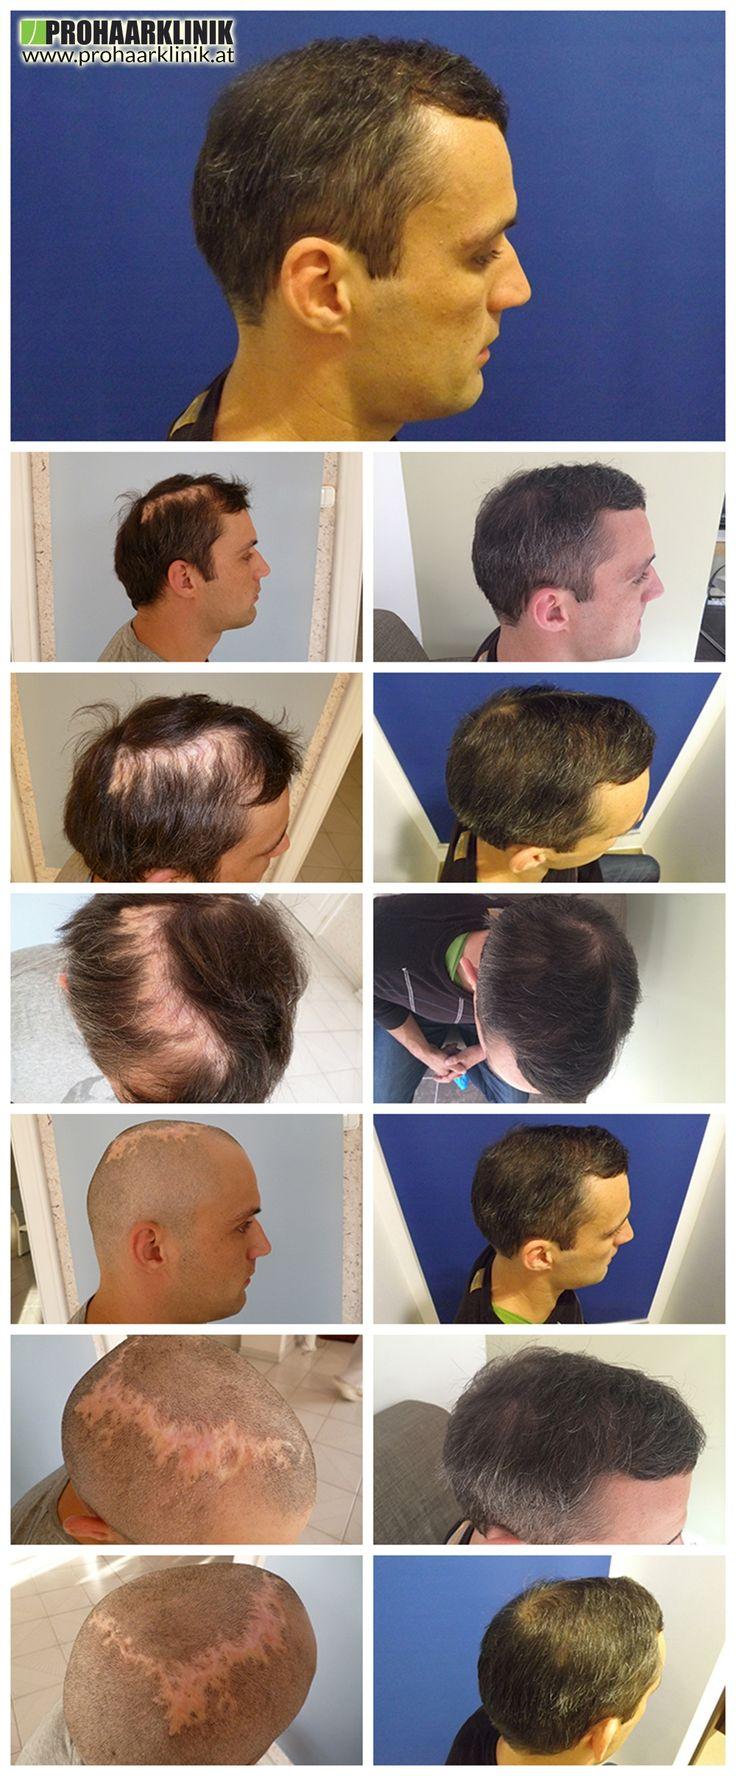 http://www.prohaarklinik.at/haartransplantation-vorher-nachher-bilder/   Haartransplantation in Narbengewebe - PROHAARKLINIK  Peter verlor einen Teil seiner Haare durch Feuer in seiner Kindheit. Die Haartransplantation Behandlung wurde durch PROHAARKLINIK in Mosonmagyaróvár durchgeführt wurden Hungary.5000 + Haare während der 12 Stunden langen Haar Wiederherstellung implantiert.